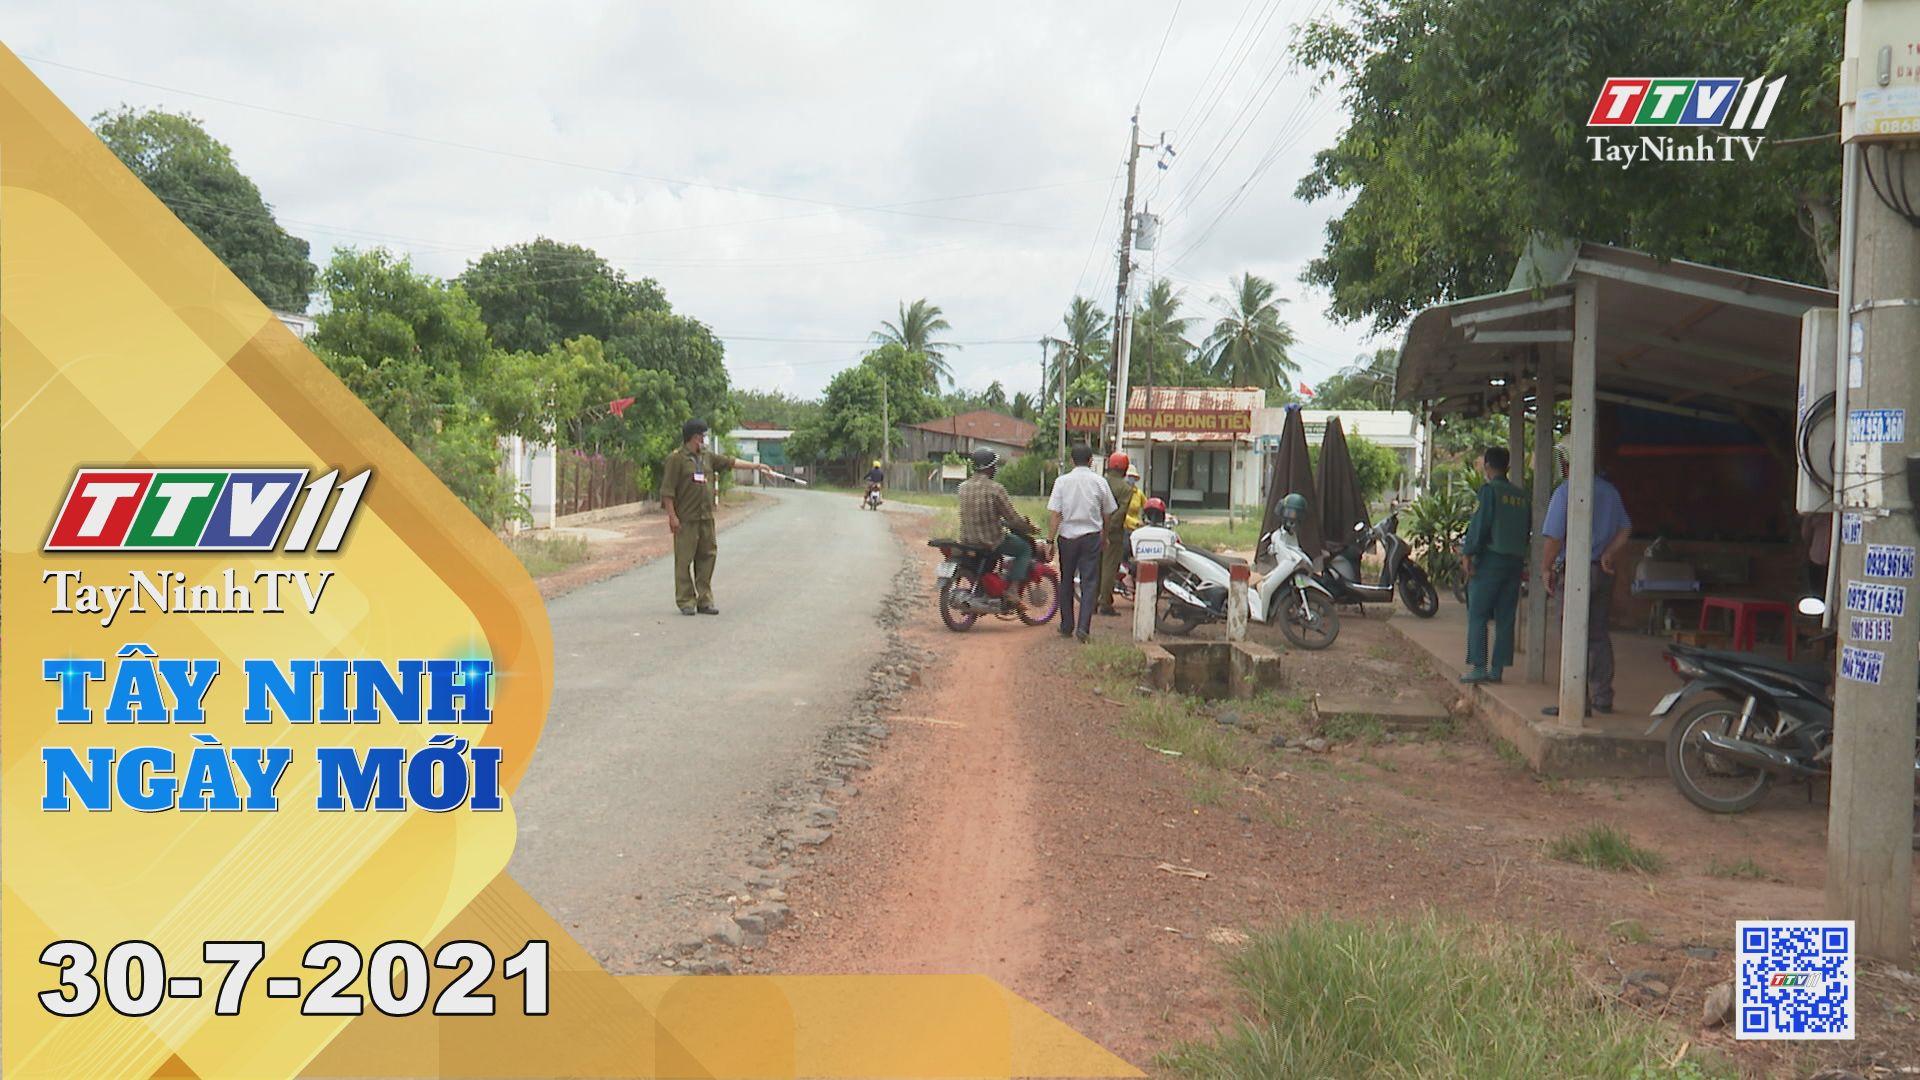 Tây Ninh Ngày Mới 30-7-2021 | Tin tức hôm nay | TayNinhTV